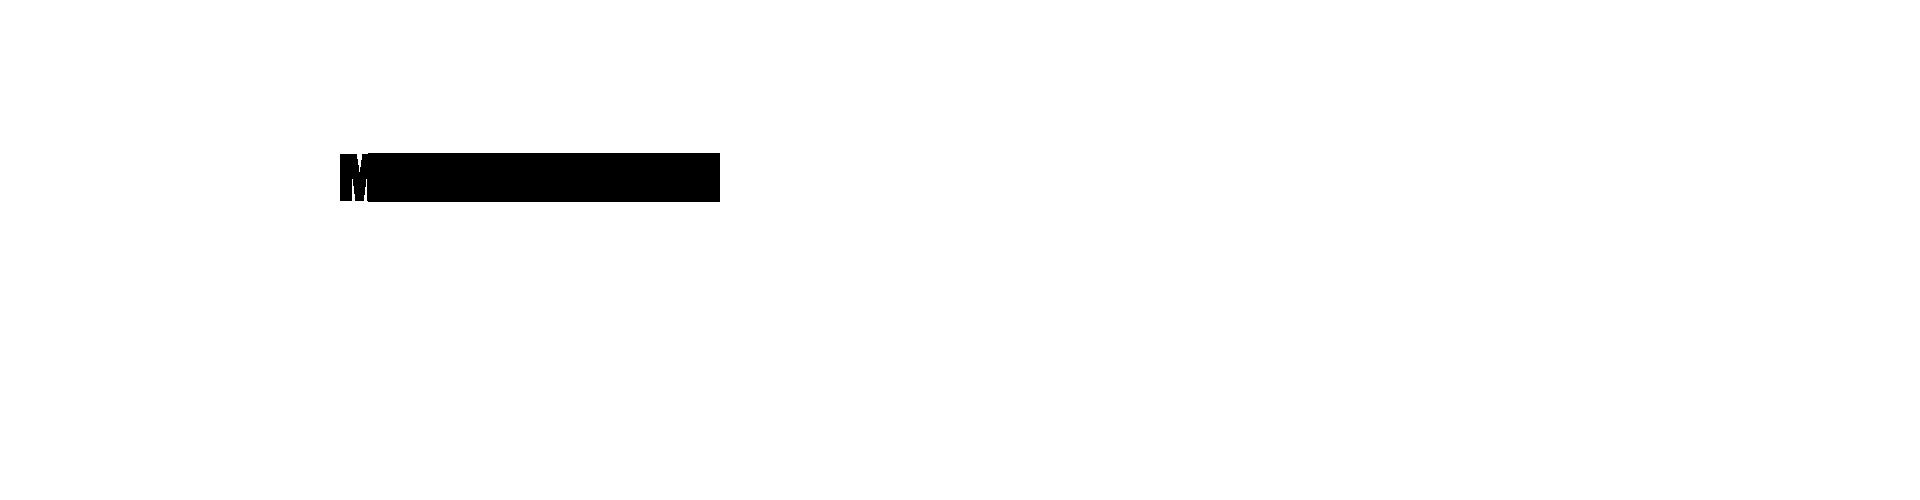 字1.png